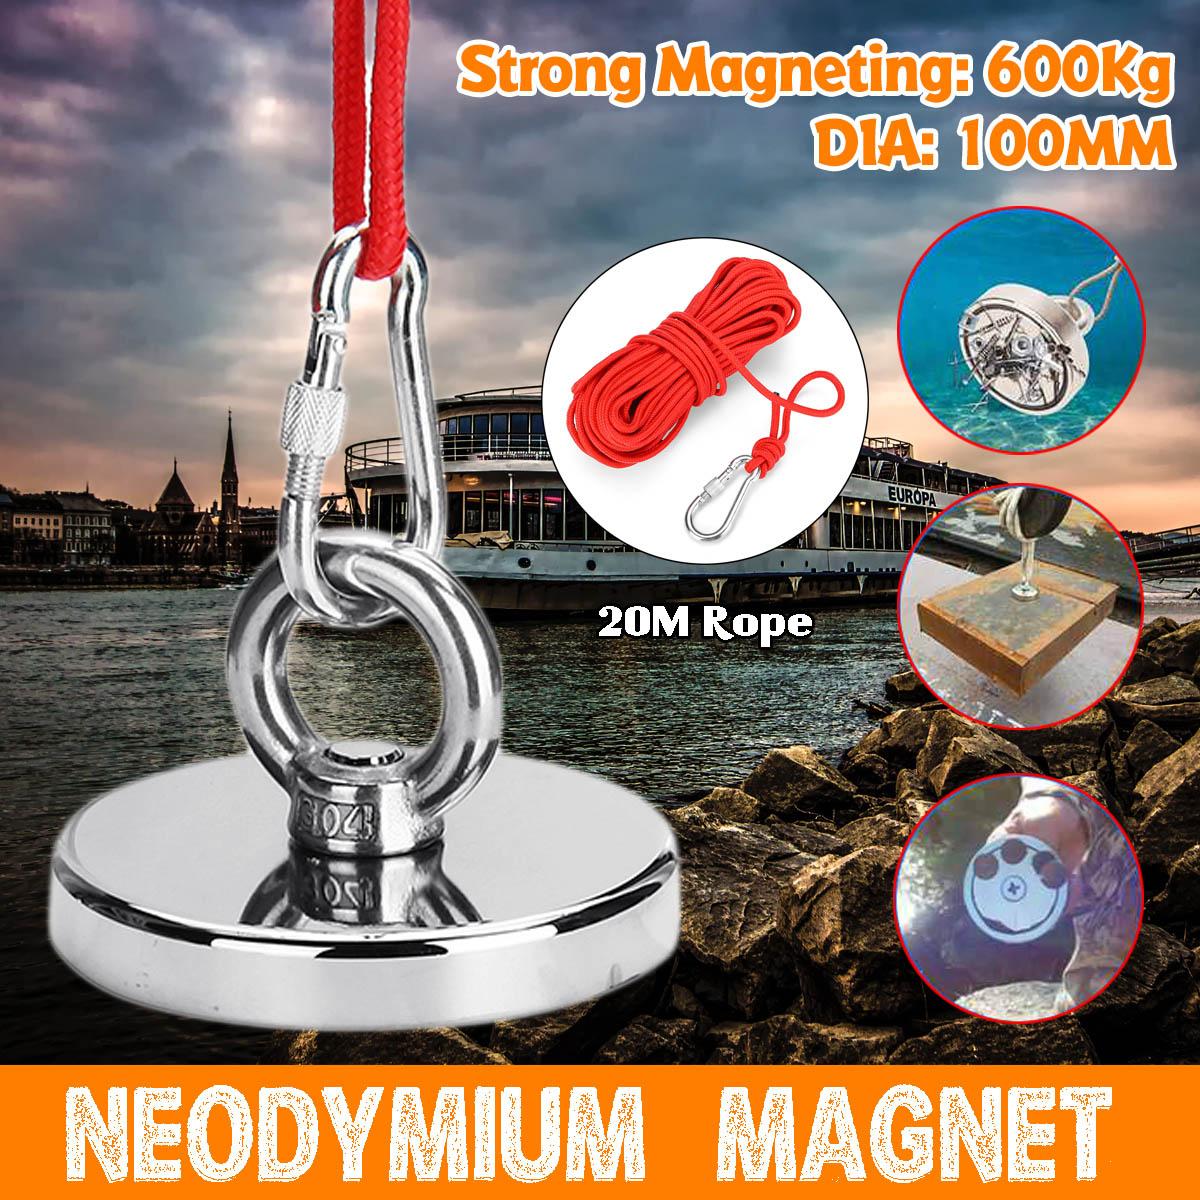 D100mm 600kg forte récupération néodyme aimant pêche Deap mer récupération trésor chasse aimant